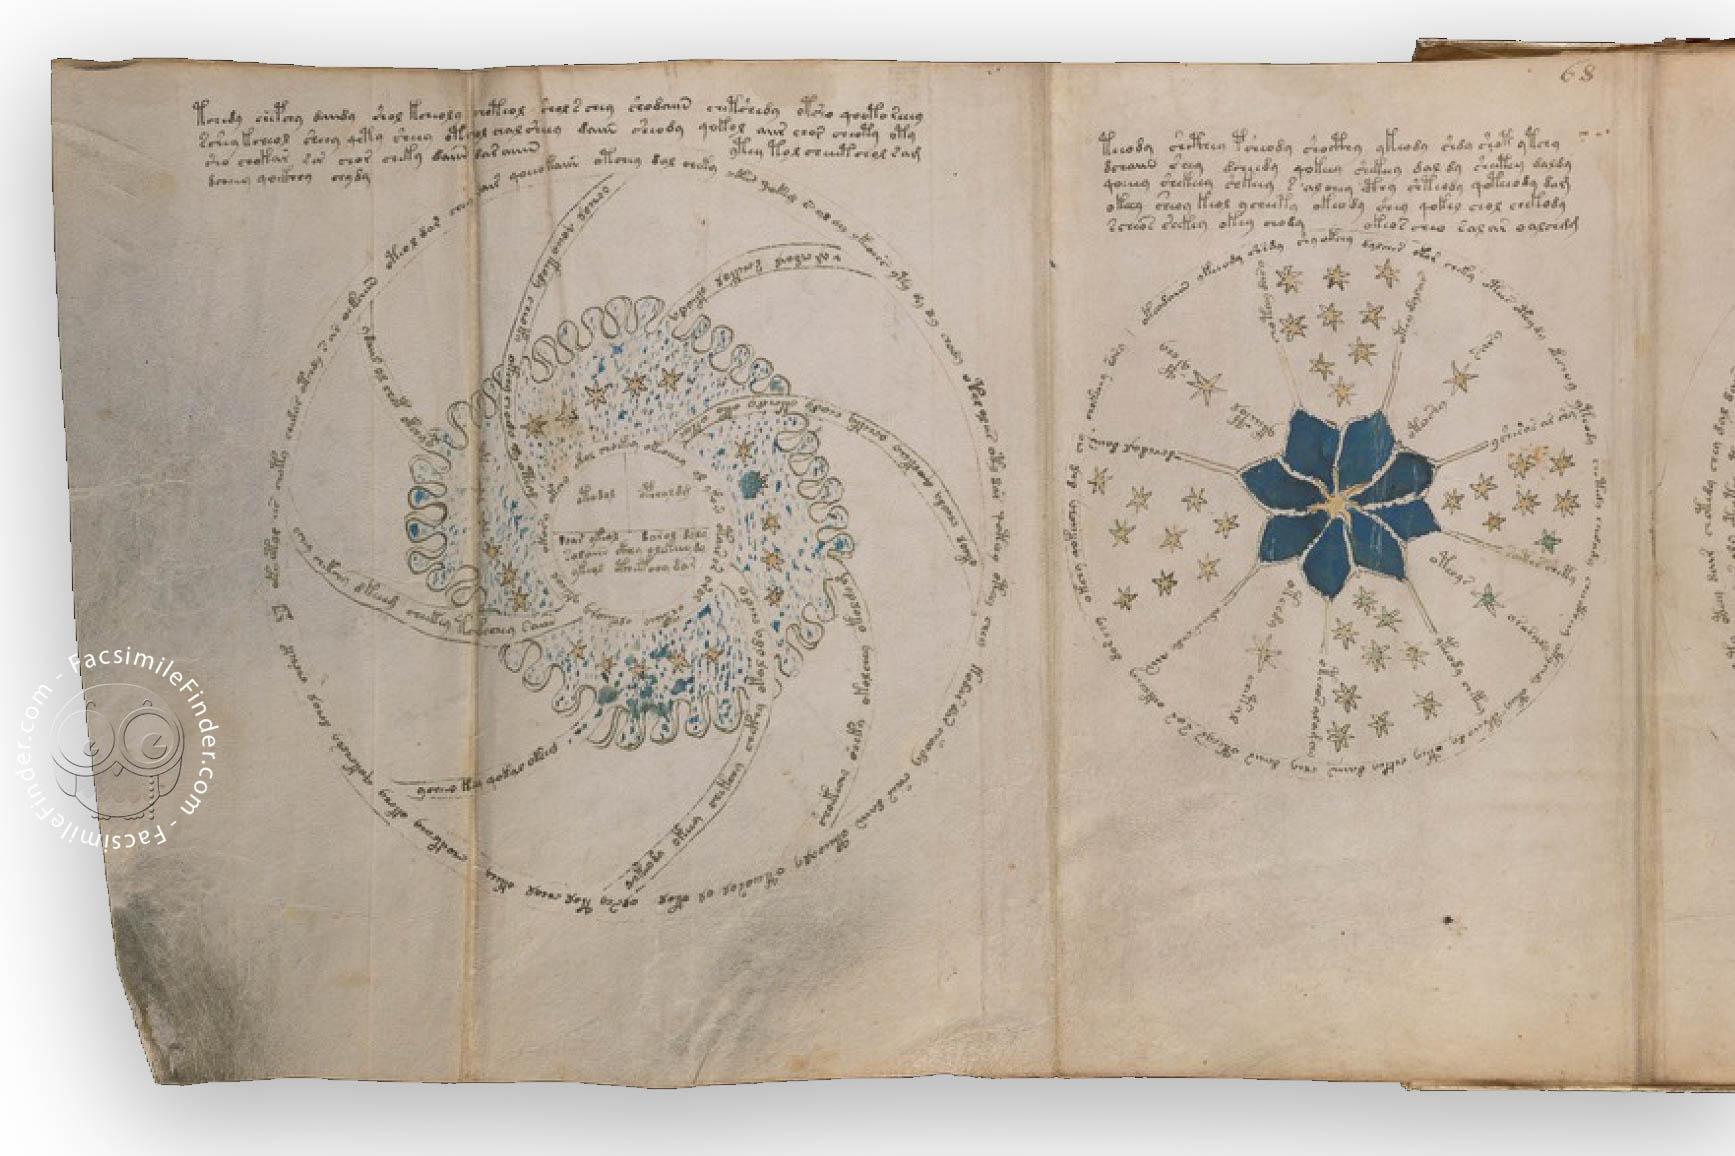 Voynich Manuscript Facsimile: Triple Page Fold Out